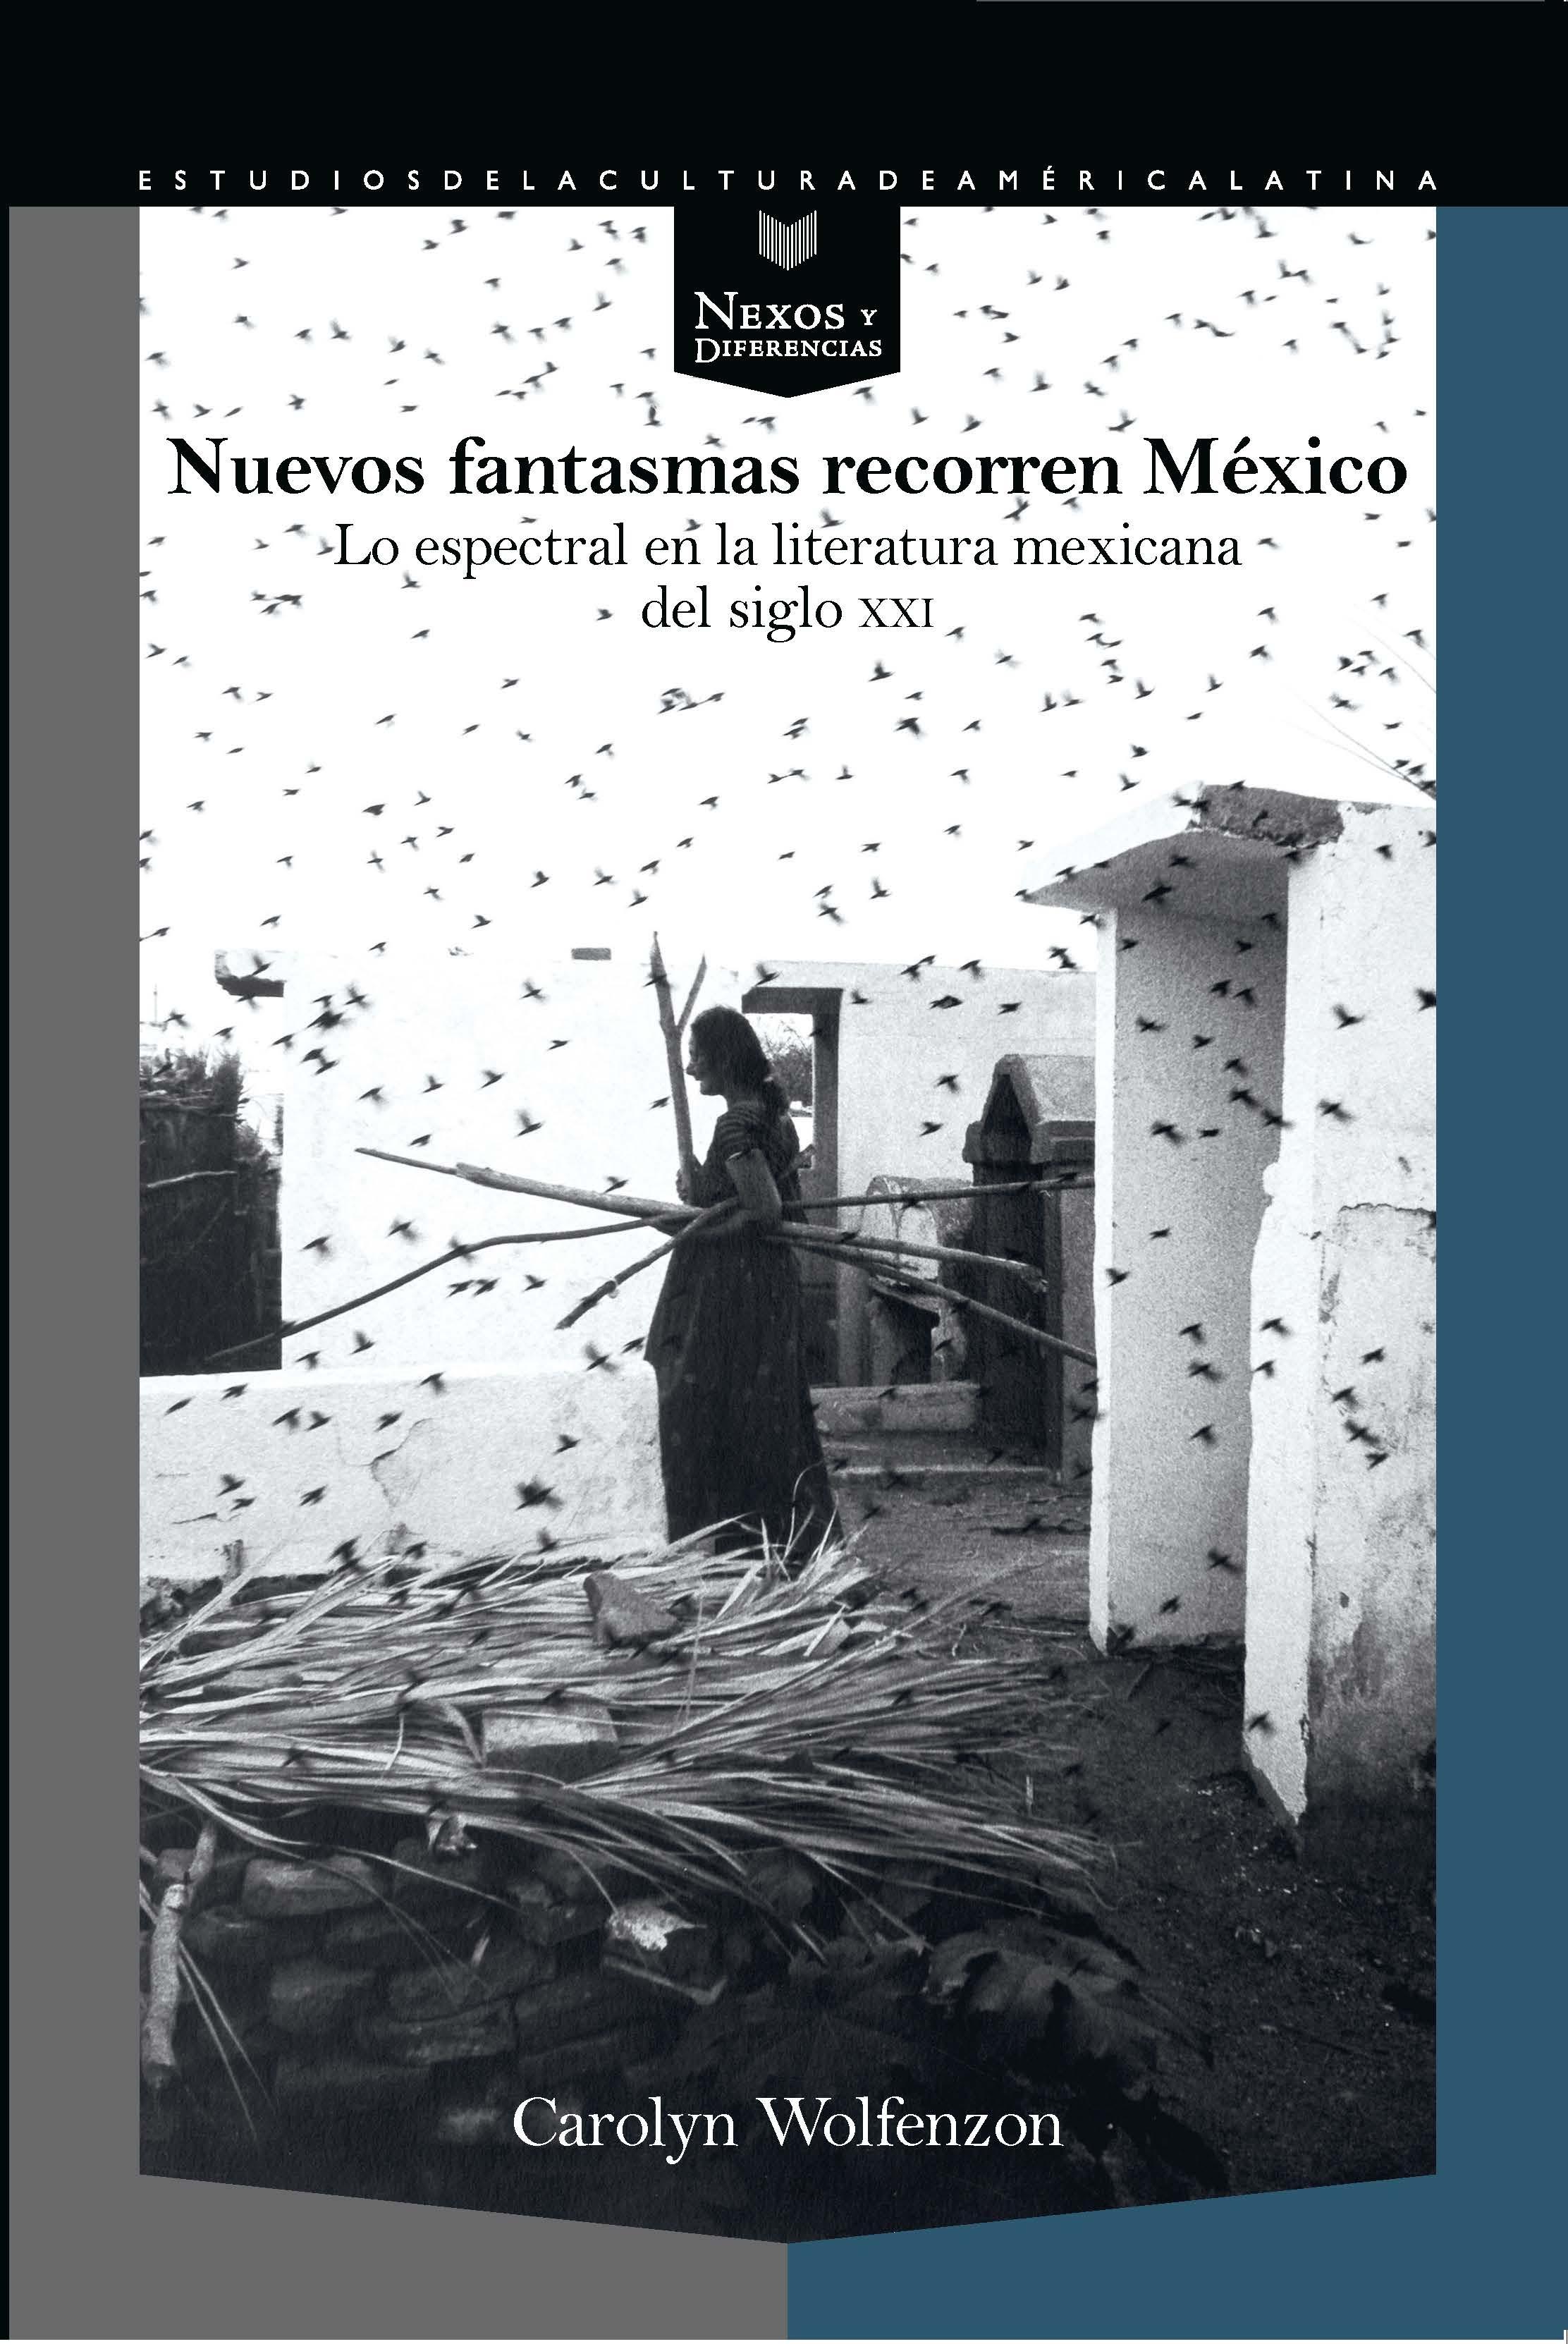 NUEVOS FANTASMAS RECORREN MEXICO